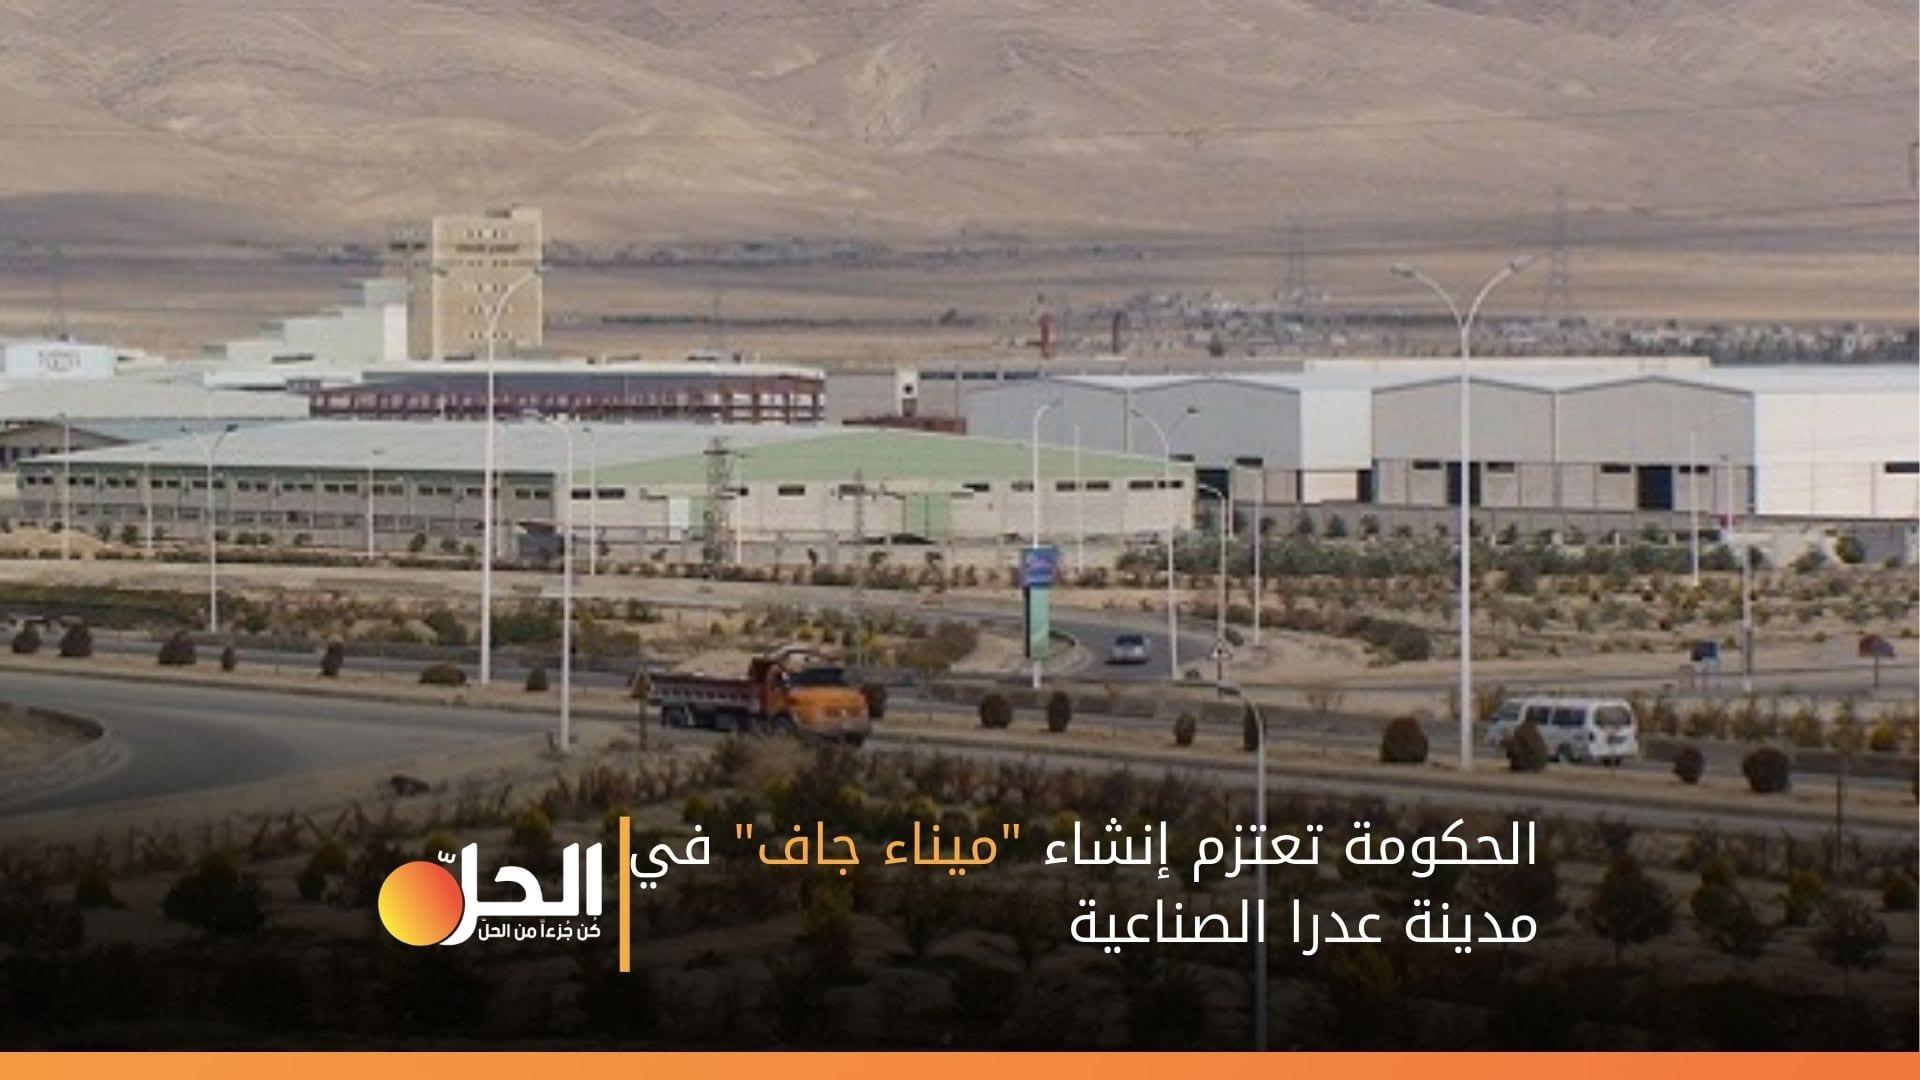 """الحكومة تعتزم إنشاء """"ميناء جاف"""" في مدينة عدرا الصناعية"""